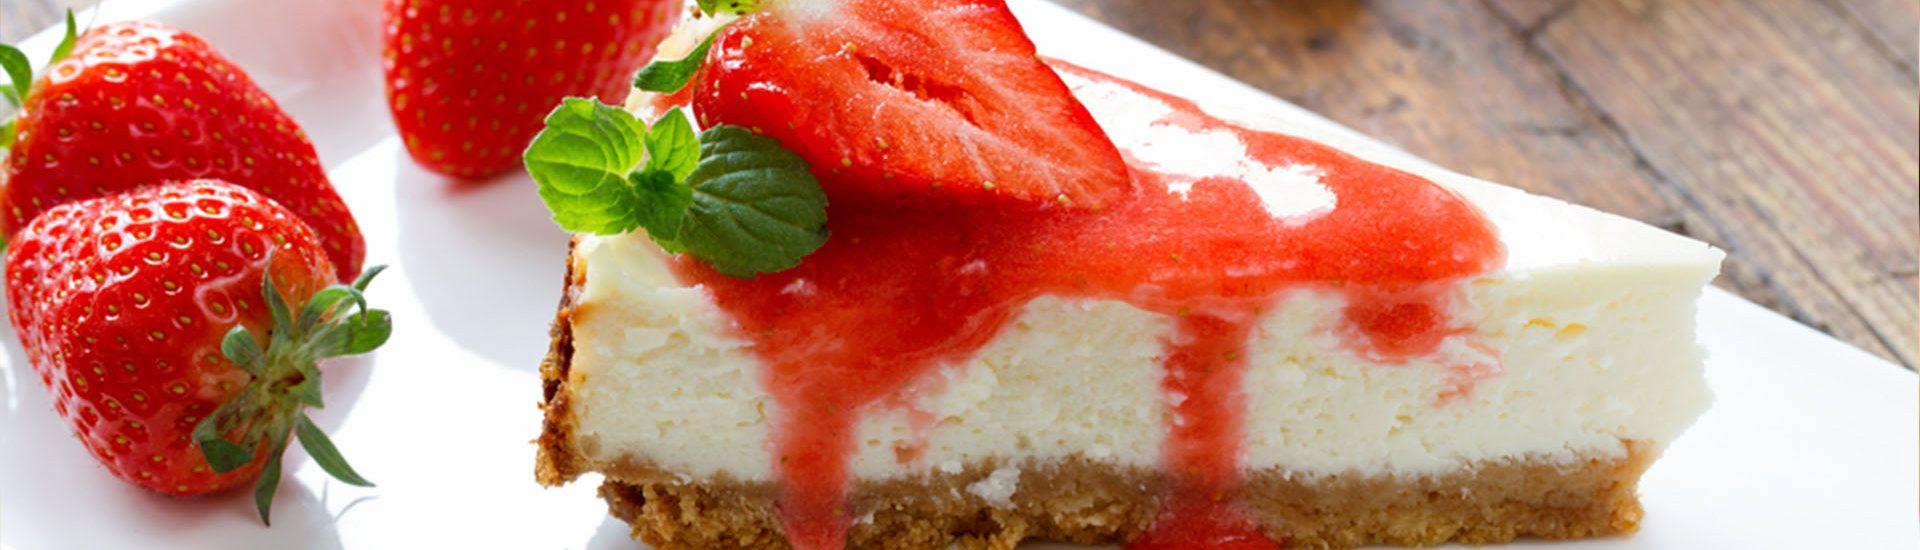 cheesecake de morango saudável granola